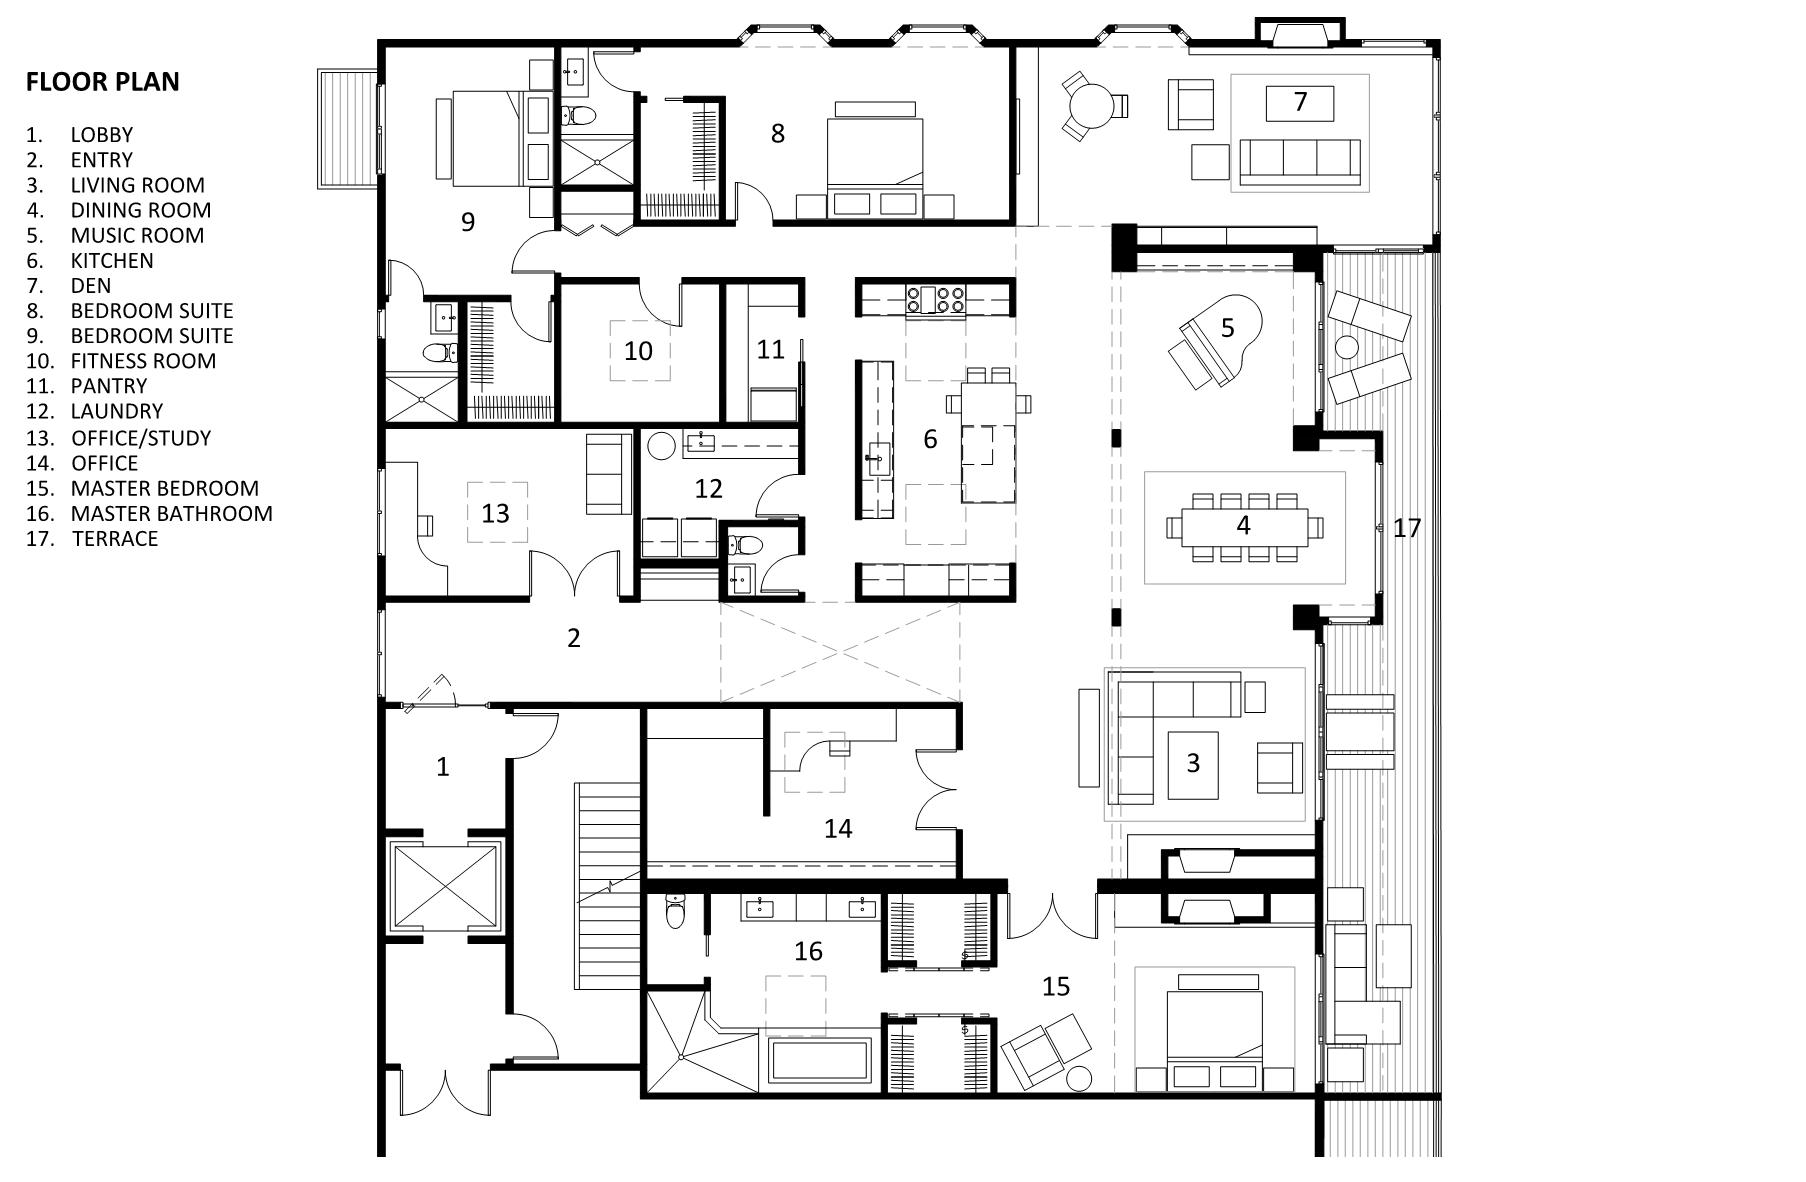 LUWY-Floor Plans_Website-Website Plan_C.png